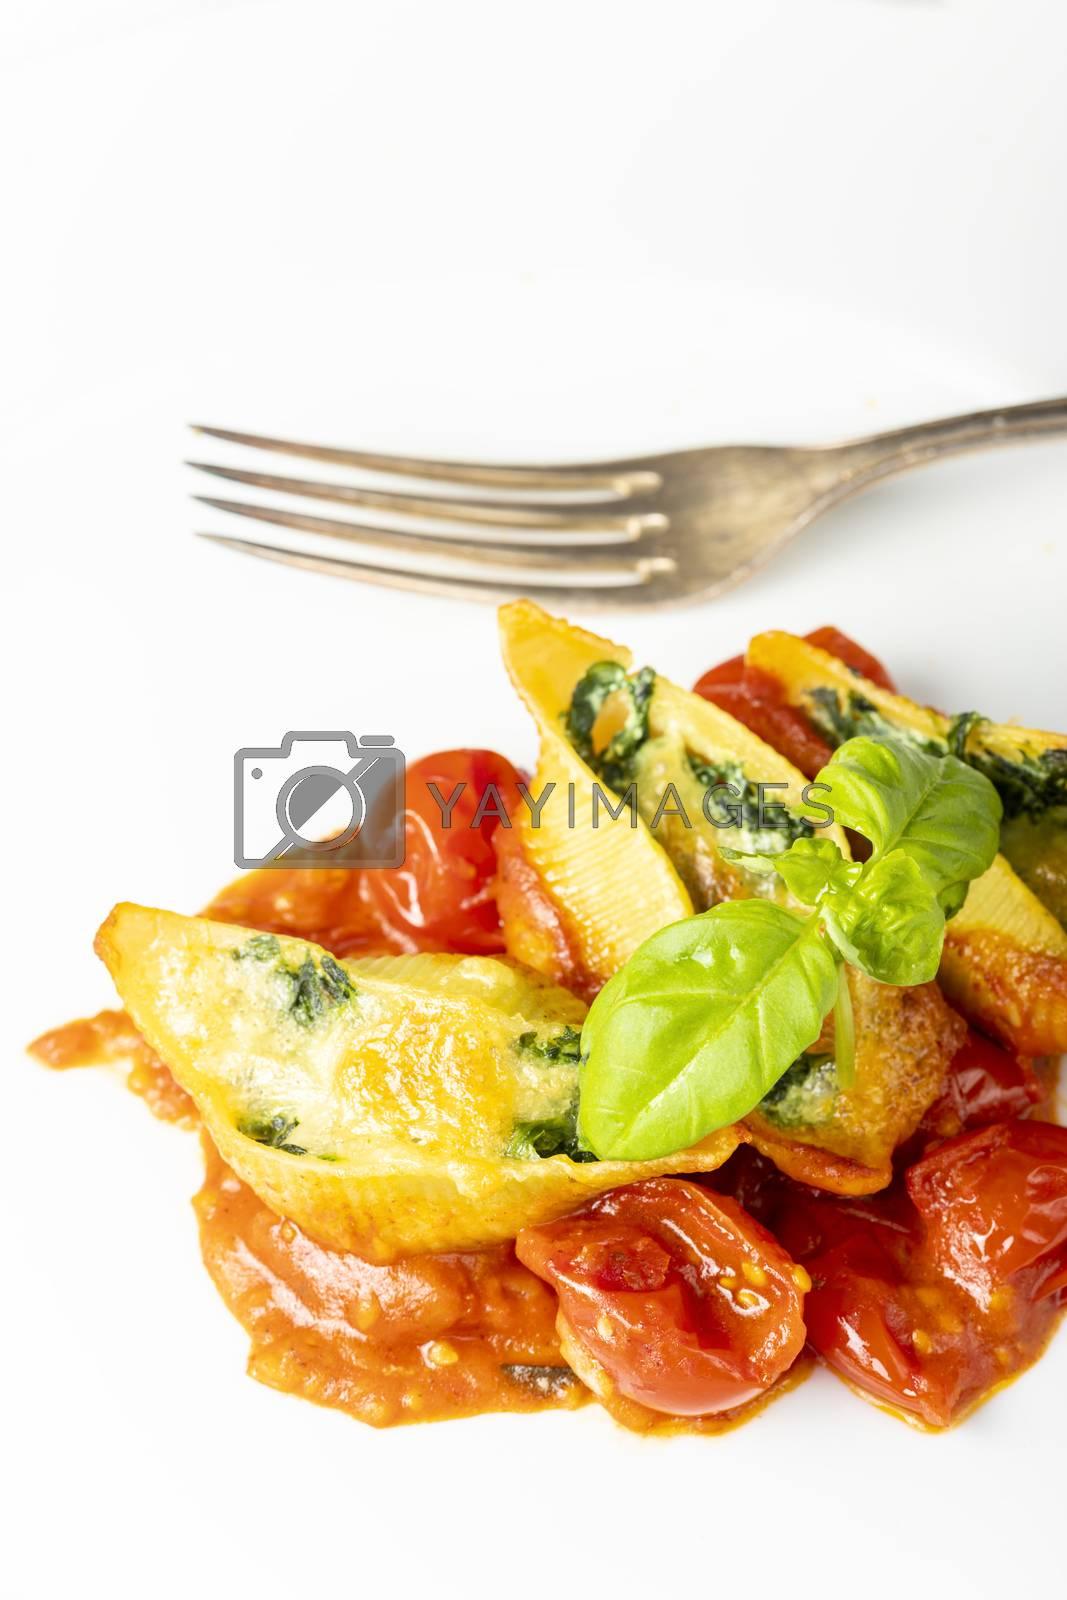 italian conchiglino pasta filled with spinach